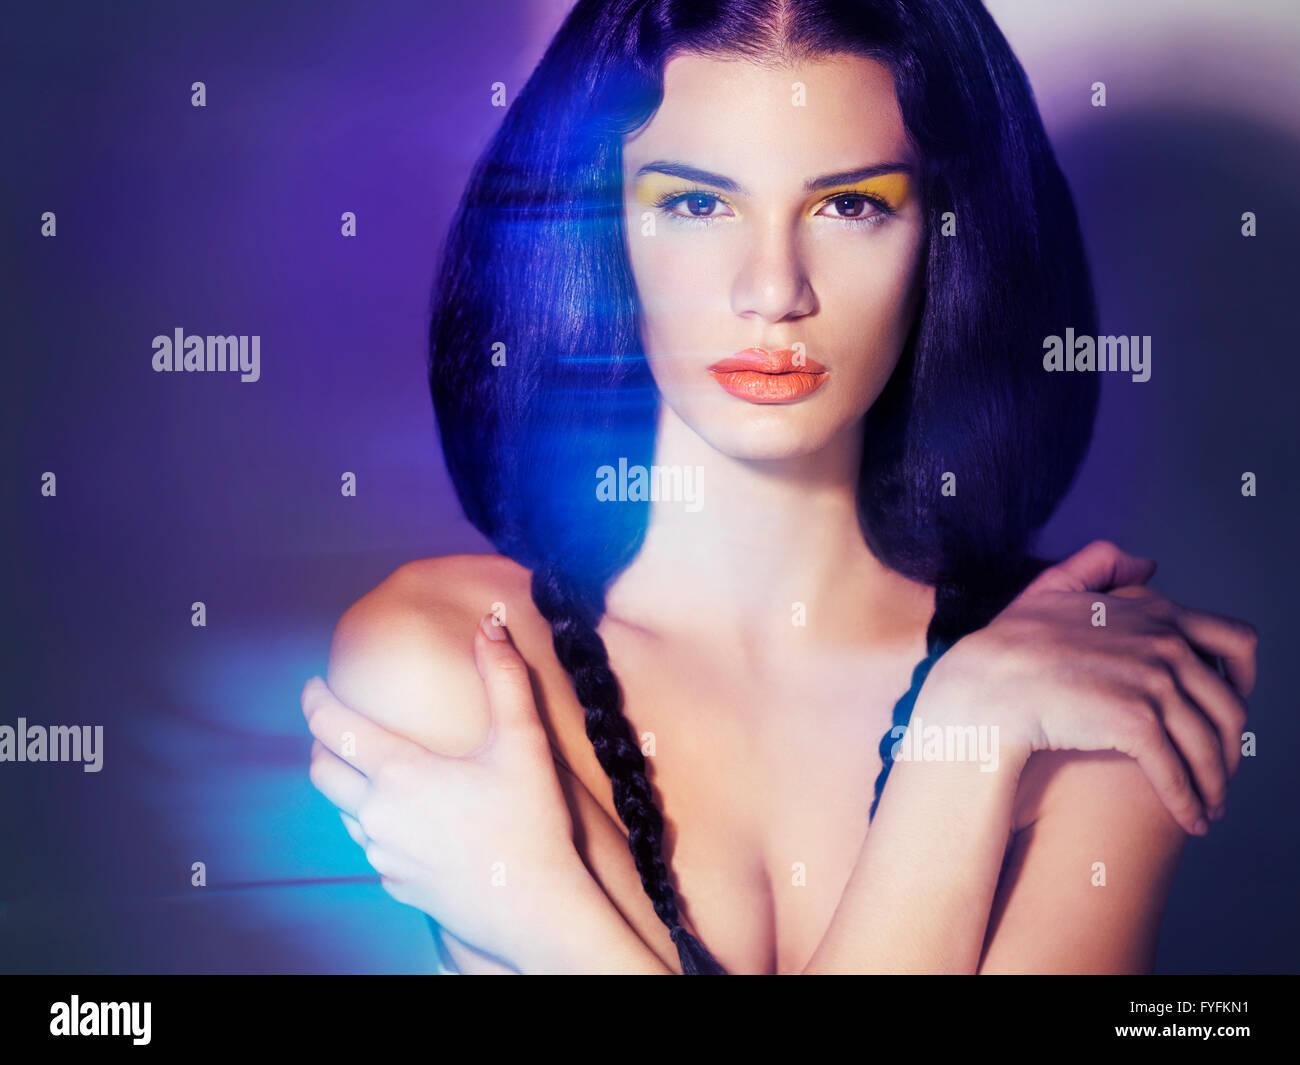 Junge Frau mit künstlerischen Make-up, Schönheit-Porträt Stockbild